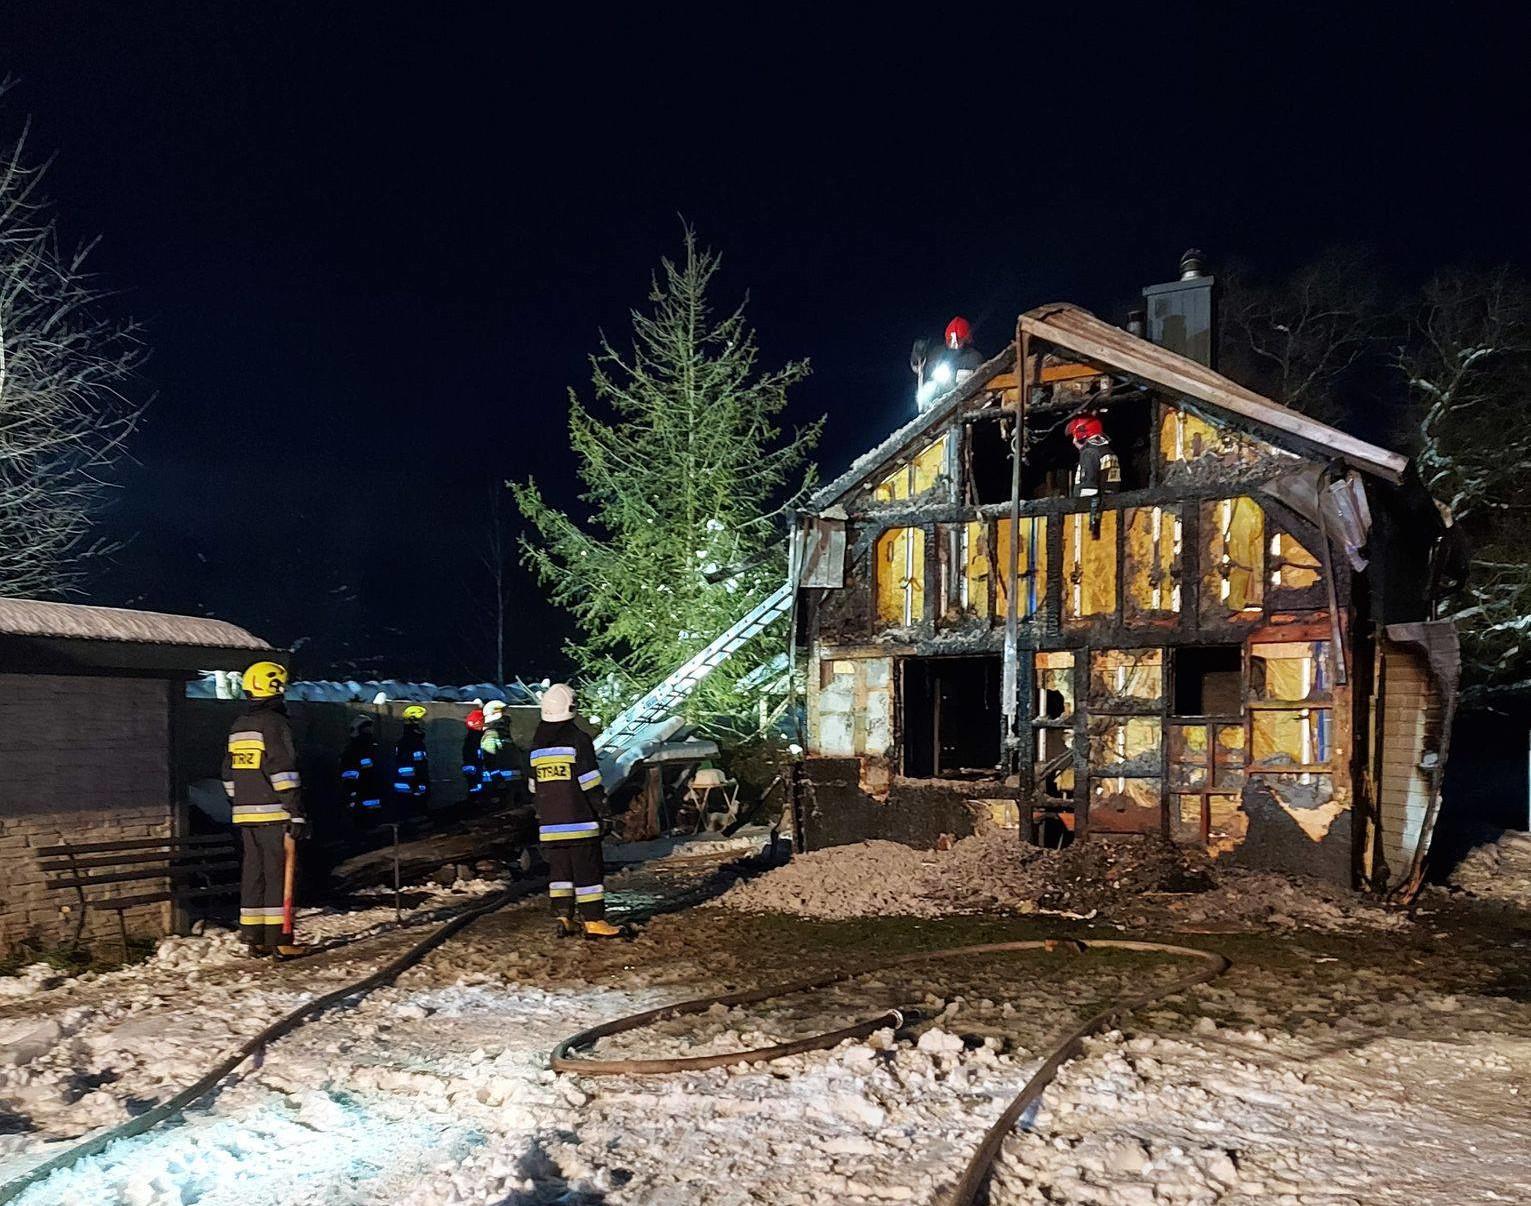 Drewniany domek spłonął. Straty oszacowano na 100 tys. zł - Zdjęcie główne